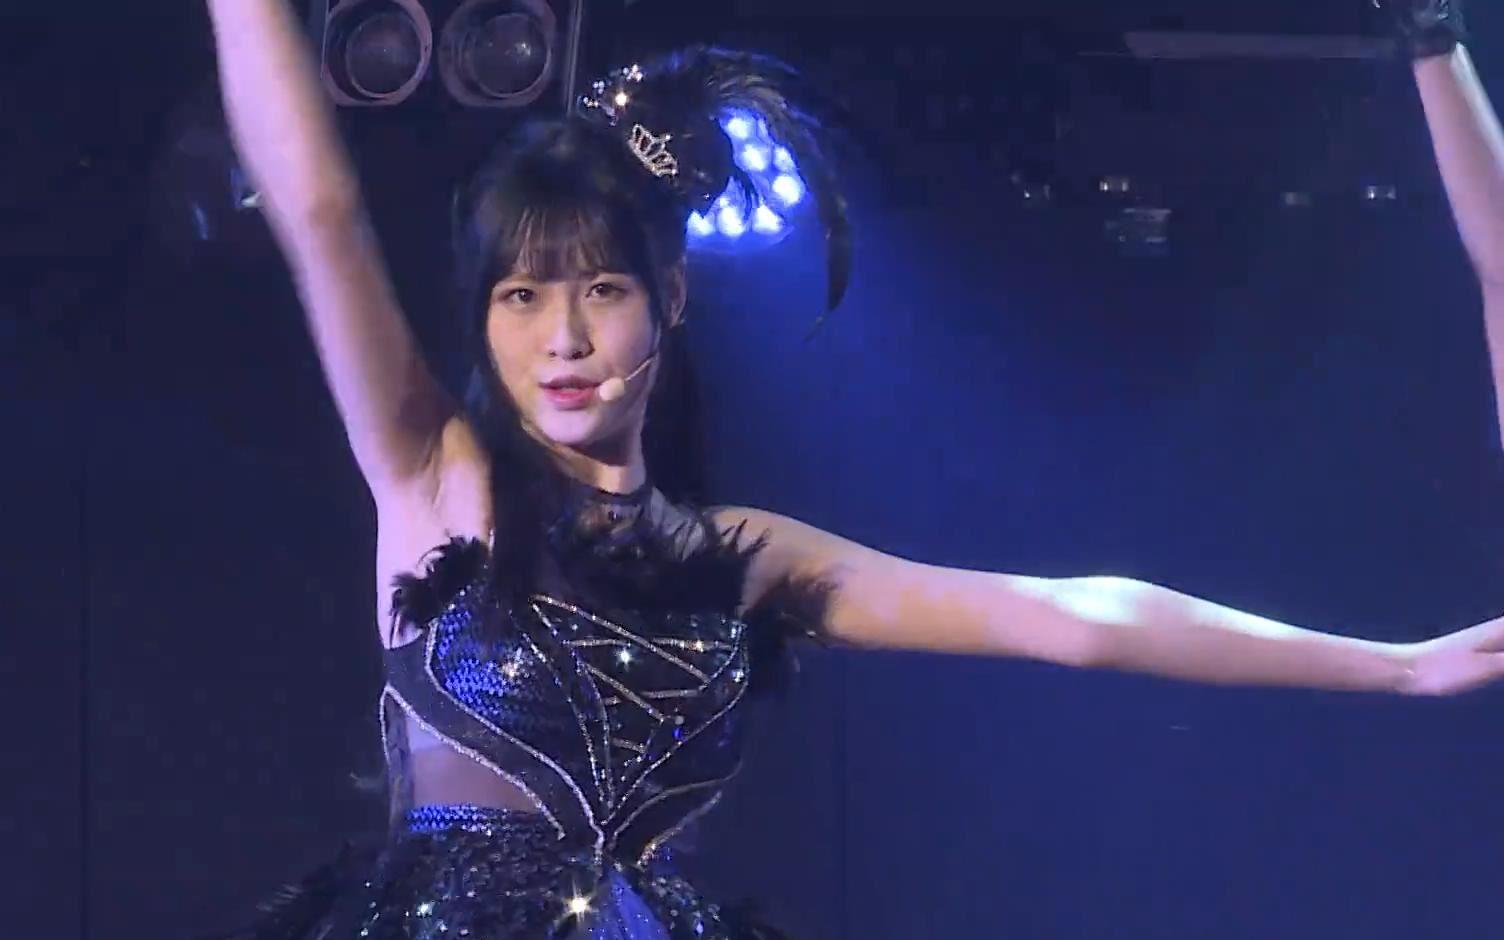 【GNZ48王秭歆】20170415 Team Z《专属派对》公演unit《黑天鹅》